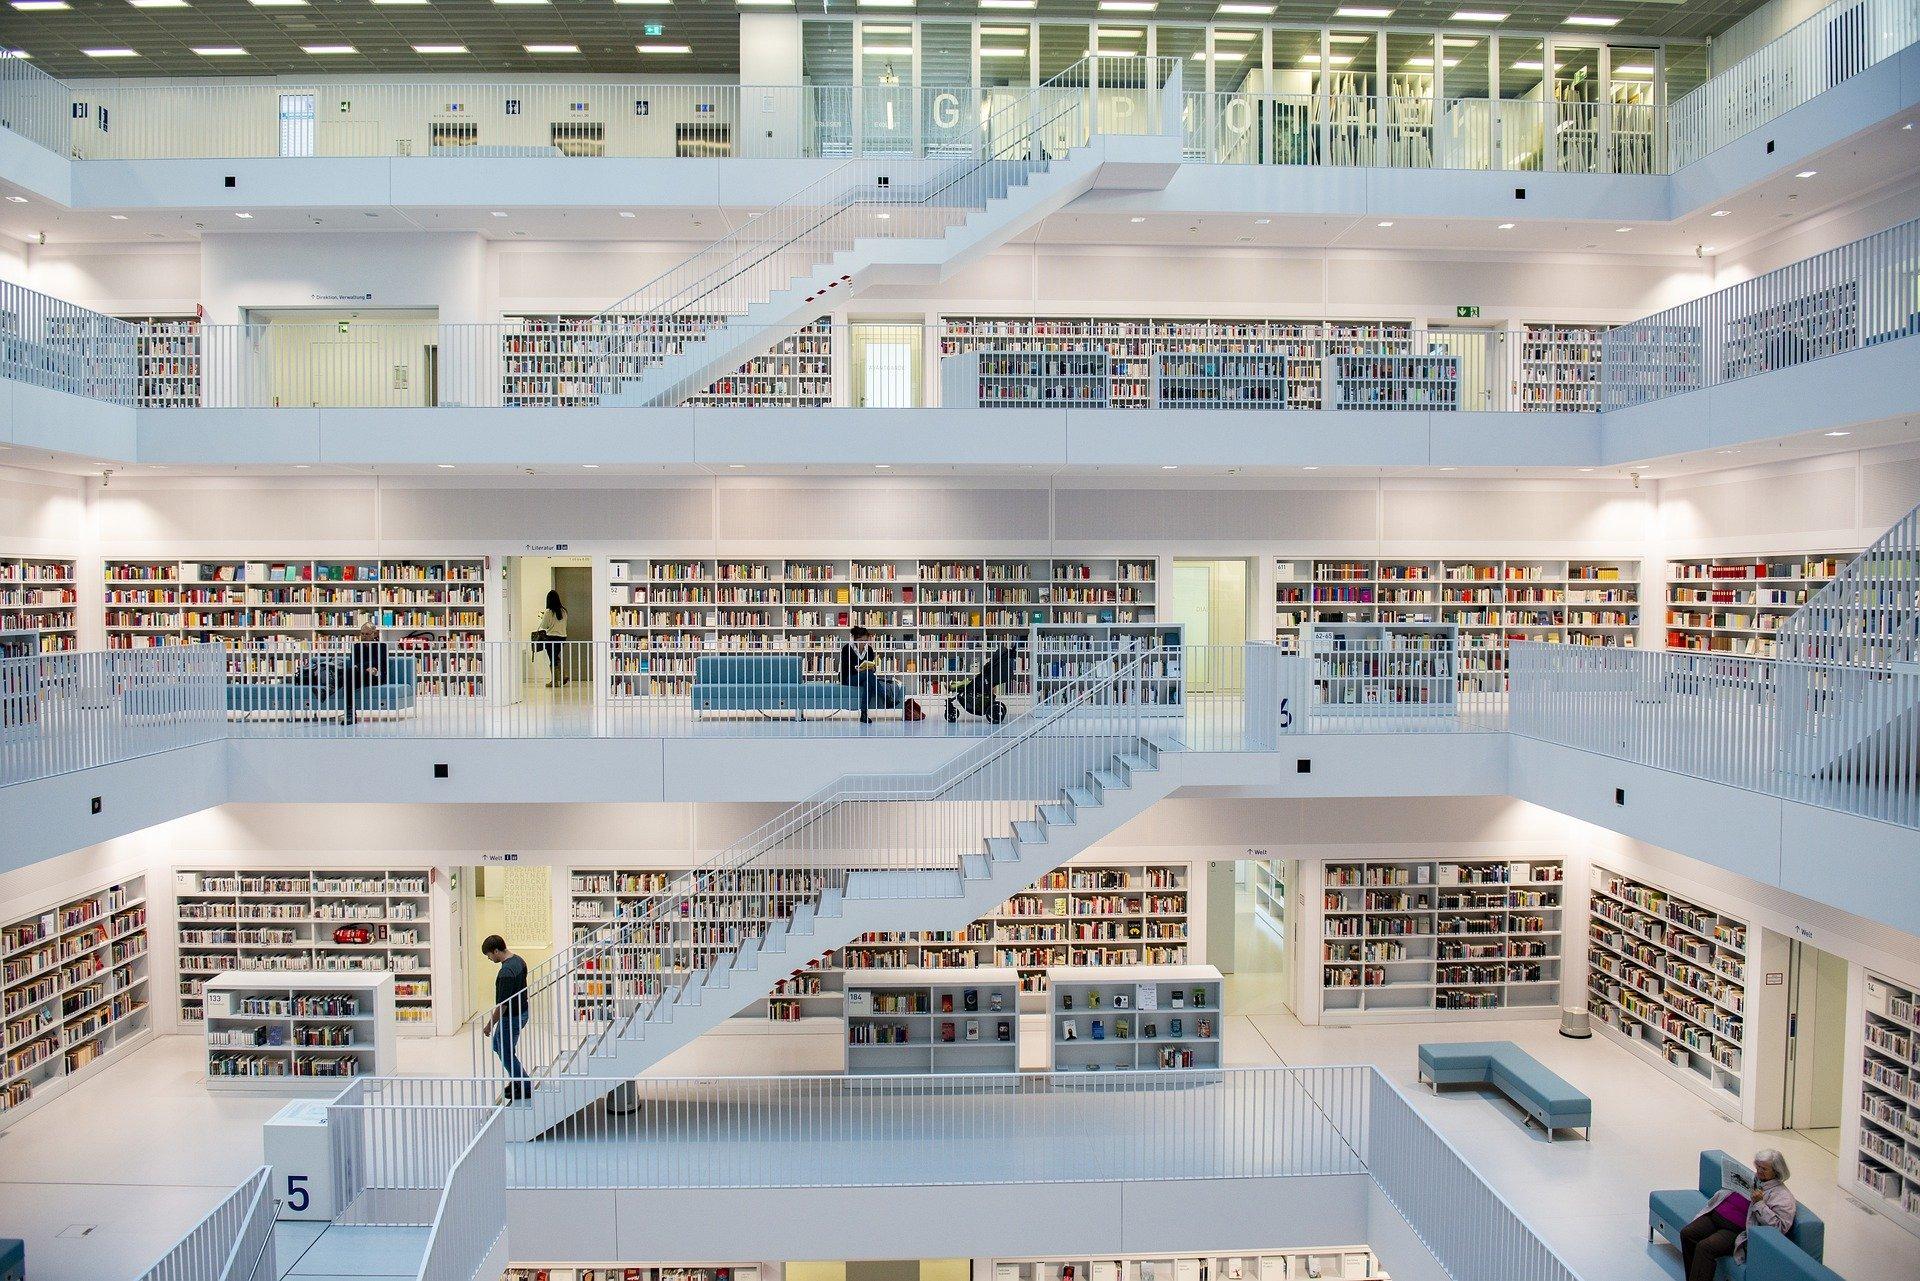 sigb_bibliothèques_bgm_gminvent